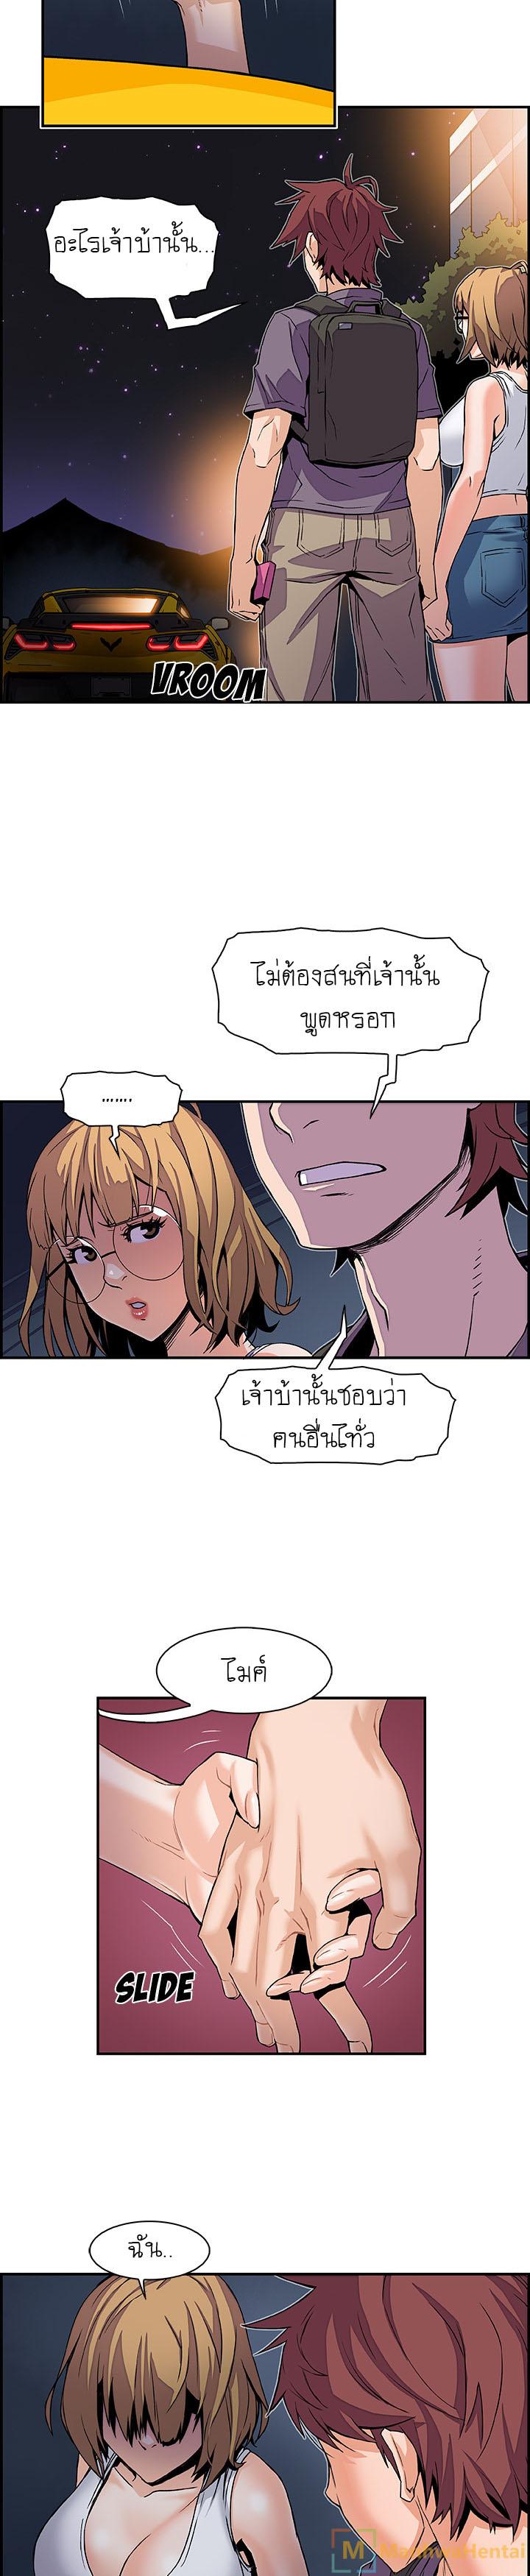 ภาวะแทรกซ้อน 3 ภาพ 11